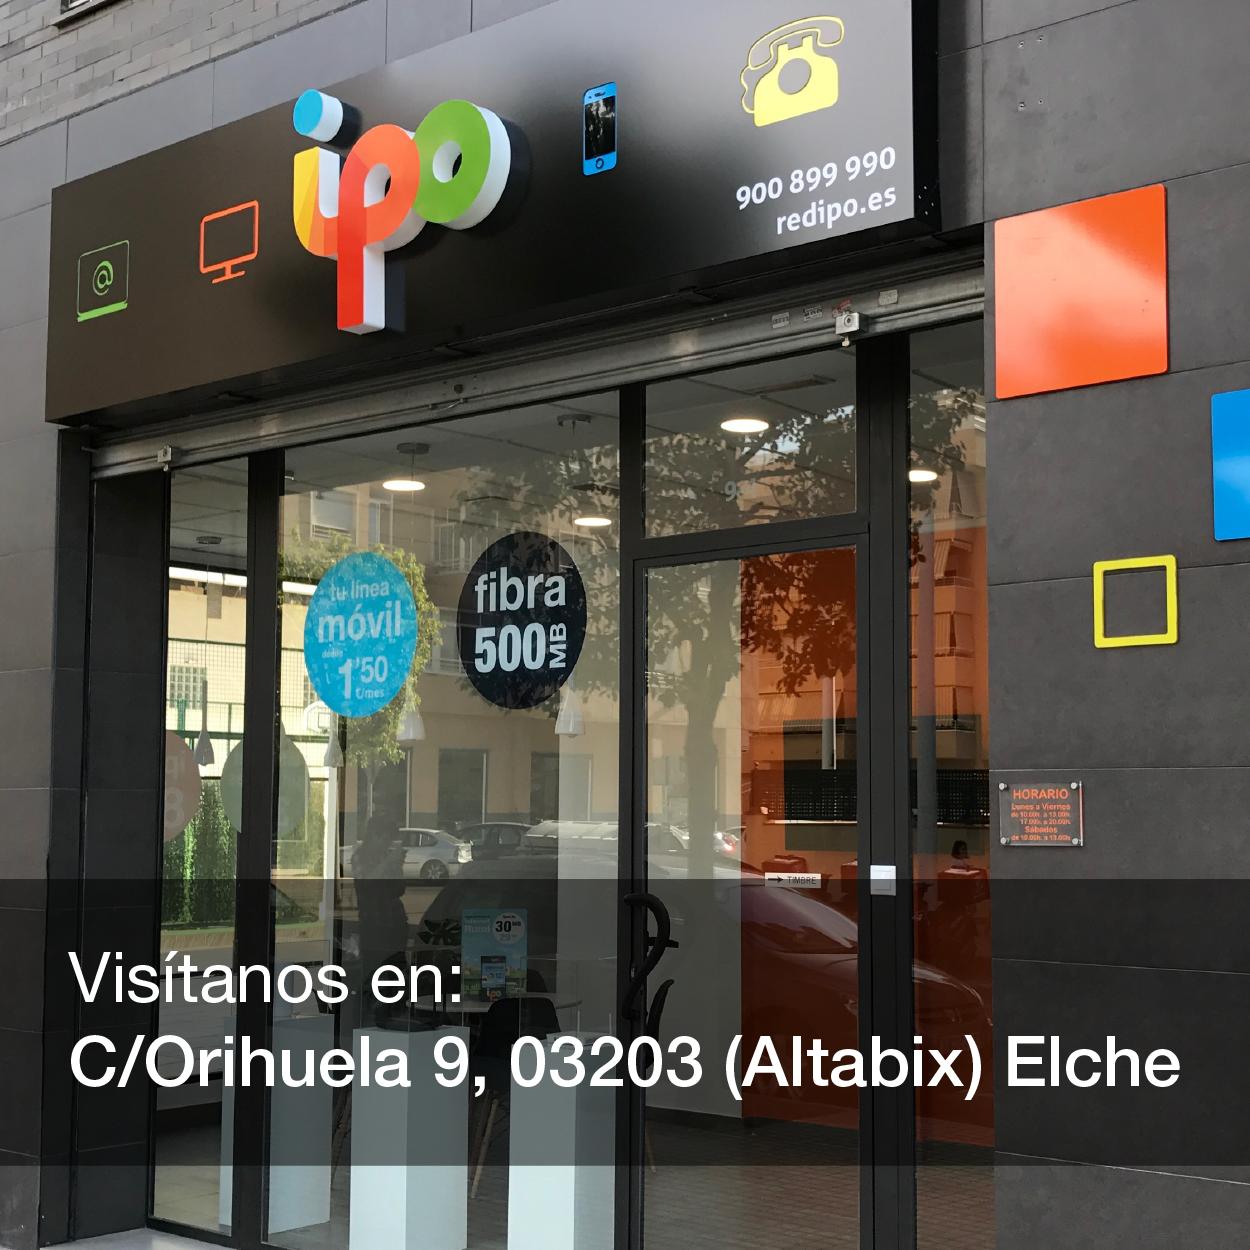 5d66d138d38 Conoces la tienda de ipo en Elche? ¡Visítanos! - Blog ipo networks